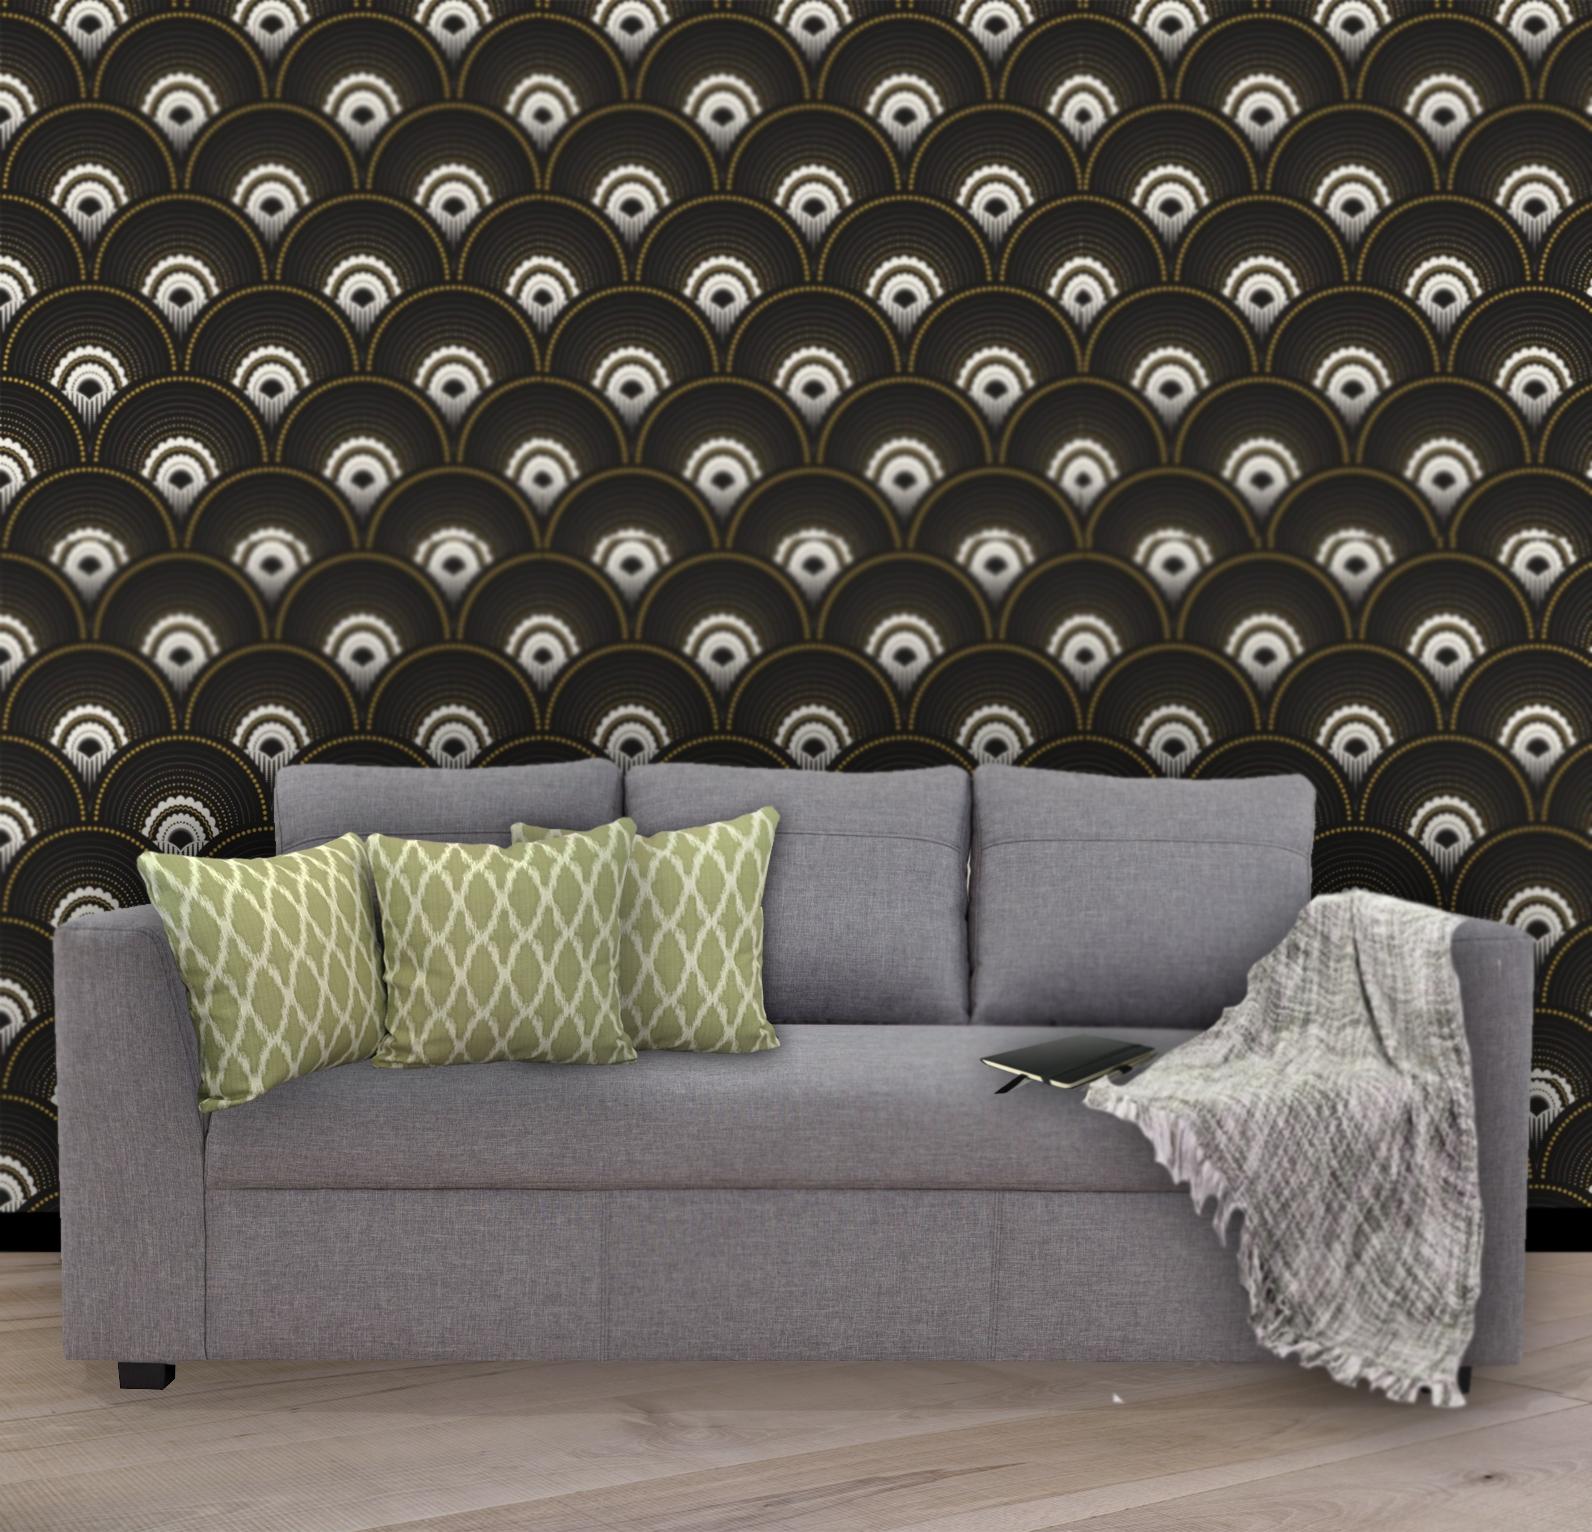 Coussins vert luxe pour canape gris